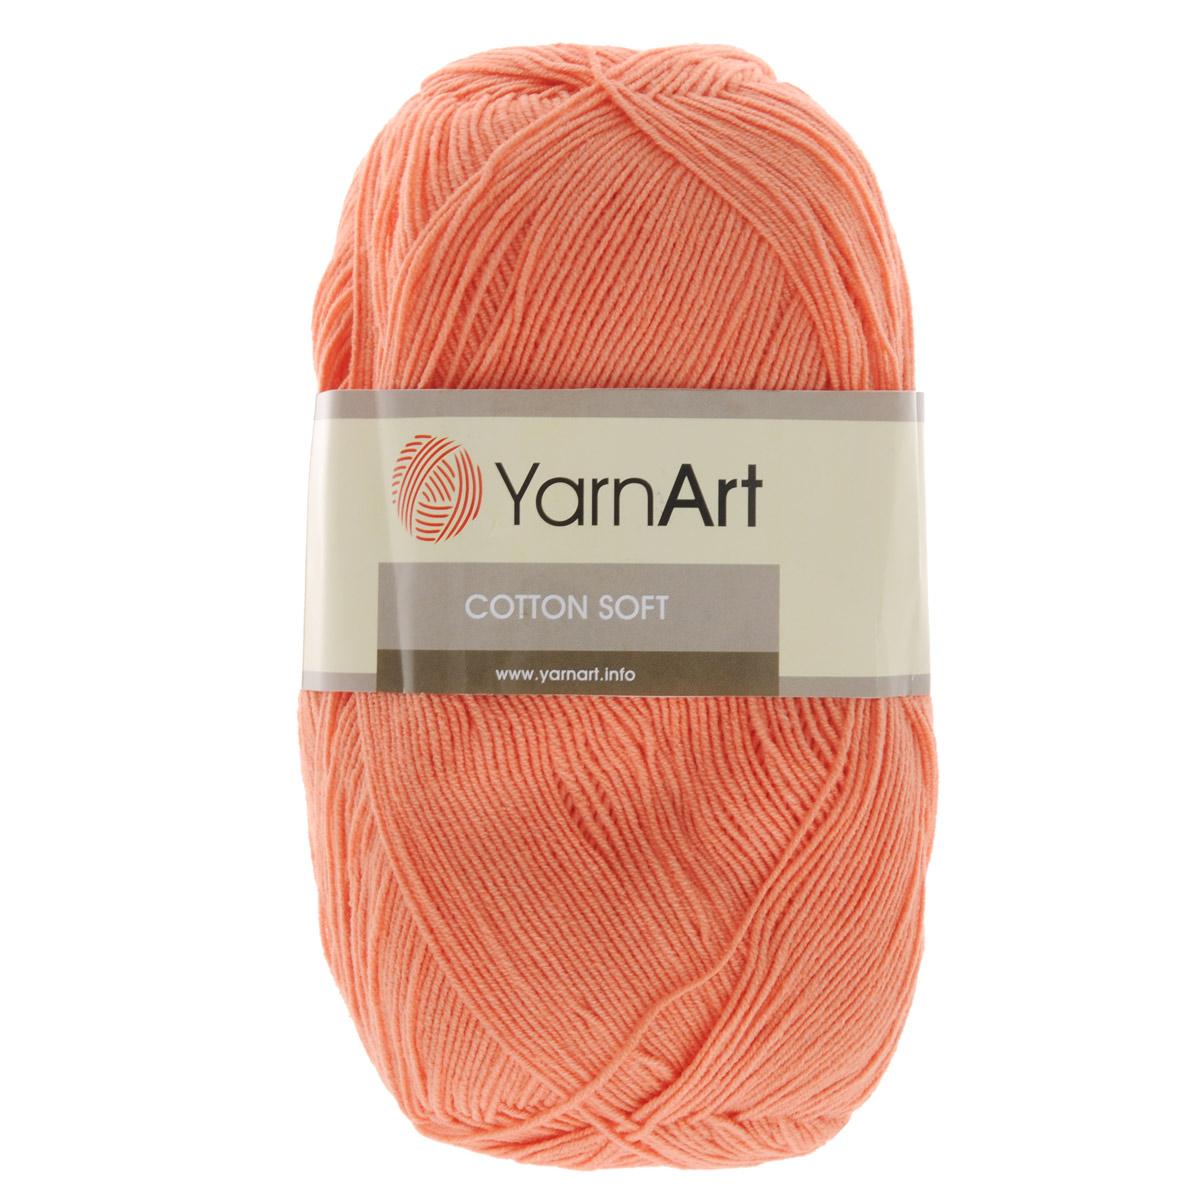 Пряжа для вязания YarnArt Cotton Soft, цвет: персиковый (23), 600 м, 100 г, 5 шт372071_23Пряжа для вязания YarnArt Cotton Soft изготовлена из хлопка и полиакрила. Эта универсальная пряжа подходит для вязания крючком и спицами, а также для машинного вязания. Нить ровная, тонкая, не линяет и не выгорает. Прекрасно подойдет для создания водолазок, платьев, юбок, шалей, а также детских вещей. Изделия из этой пряжи получаются мягкие, очень легкие, износостойкие. Цветовая гамма пряжи очень богатая, вы можете пополнить свой гардероб изделиями из неё на любой сезон: джемпером, жакетом, свитером и другими полезными и оригинальными вещами, которые прослужат вам и вашим близким очень долго и не создадут трудностей в уходе за ними. Рекомендованные спицы и крючок 2,5 мм. Состав: 55% хлопок, 45% полиакрил.